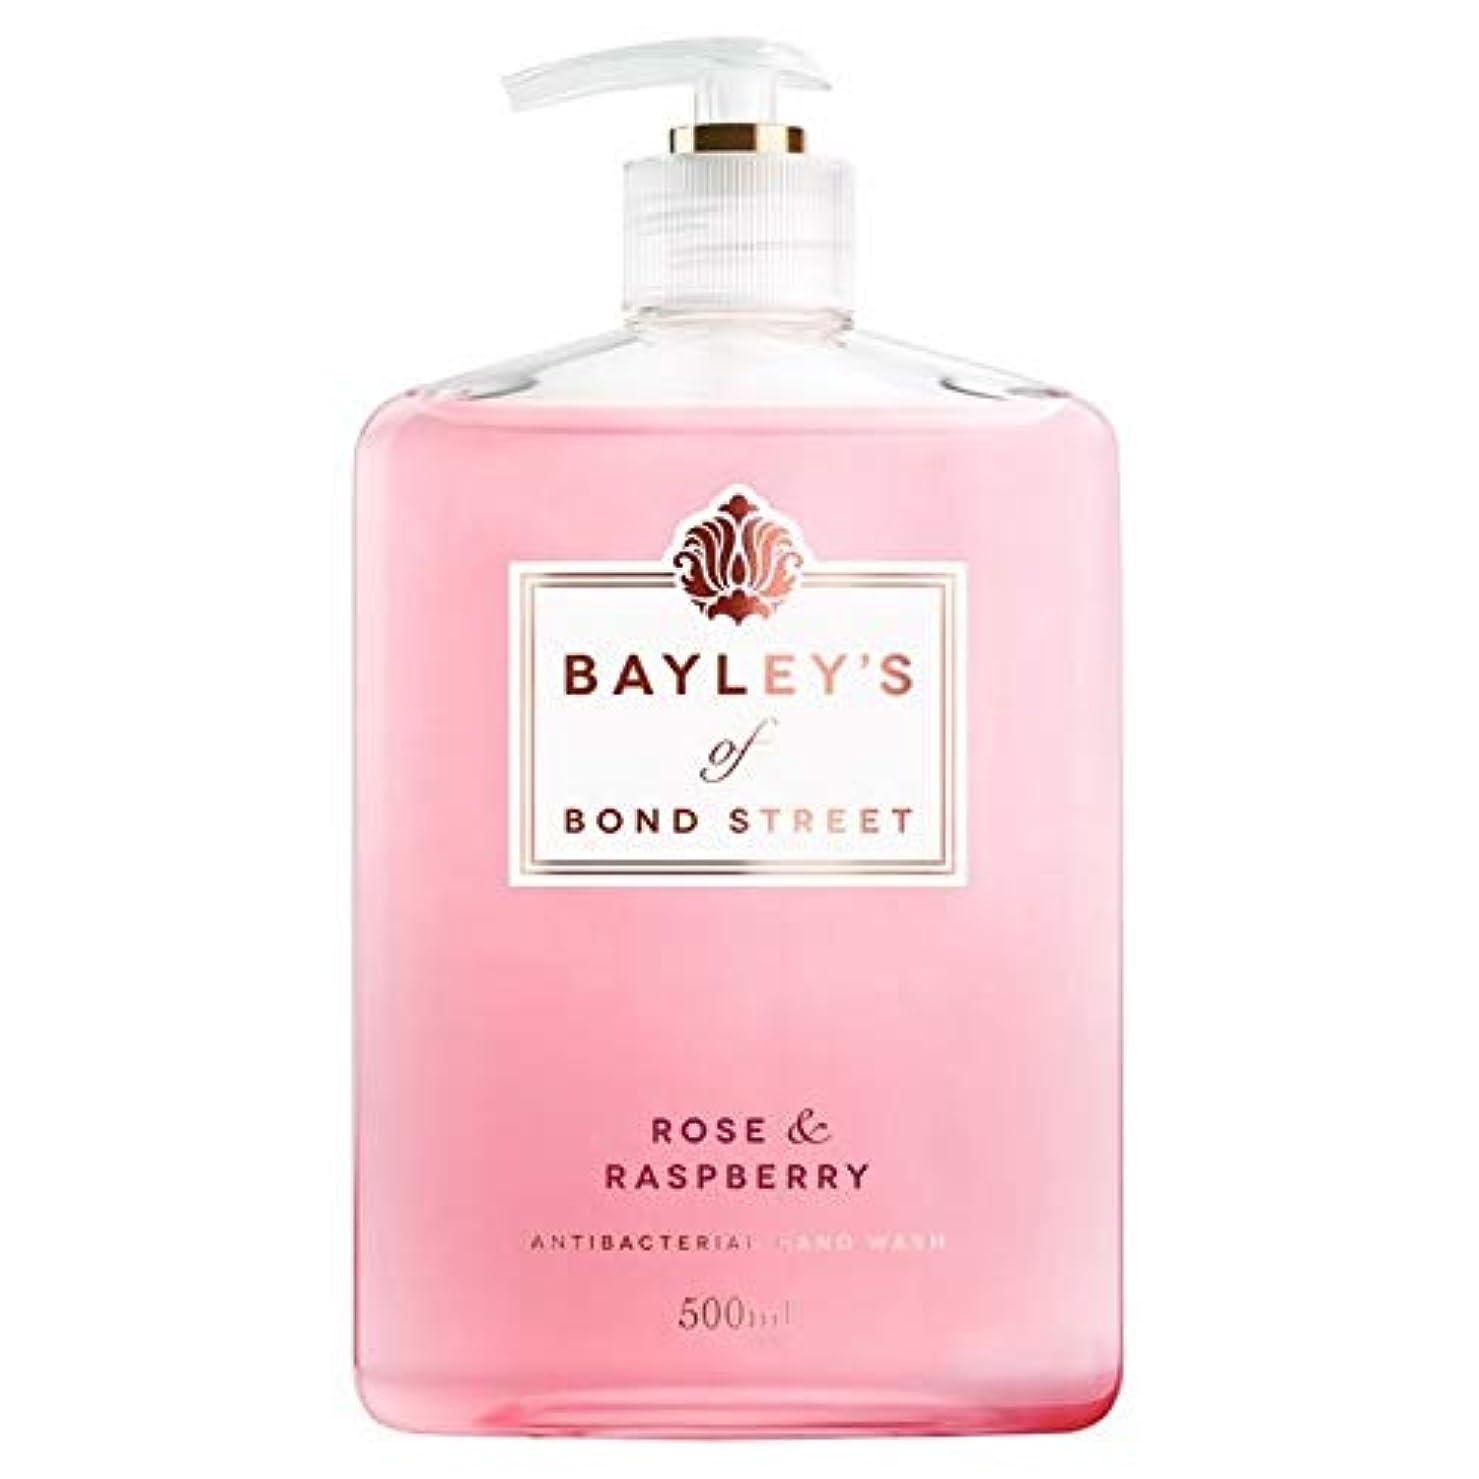 ショルダースタウト長方形[Bayley's of Bond Street ] ベイリーのボンドストリートのは、ローズ&ラズベリーのハンドウォッシュ500ミリリットル - Bayley's of Bond Street Rose & Raspberry...